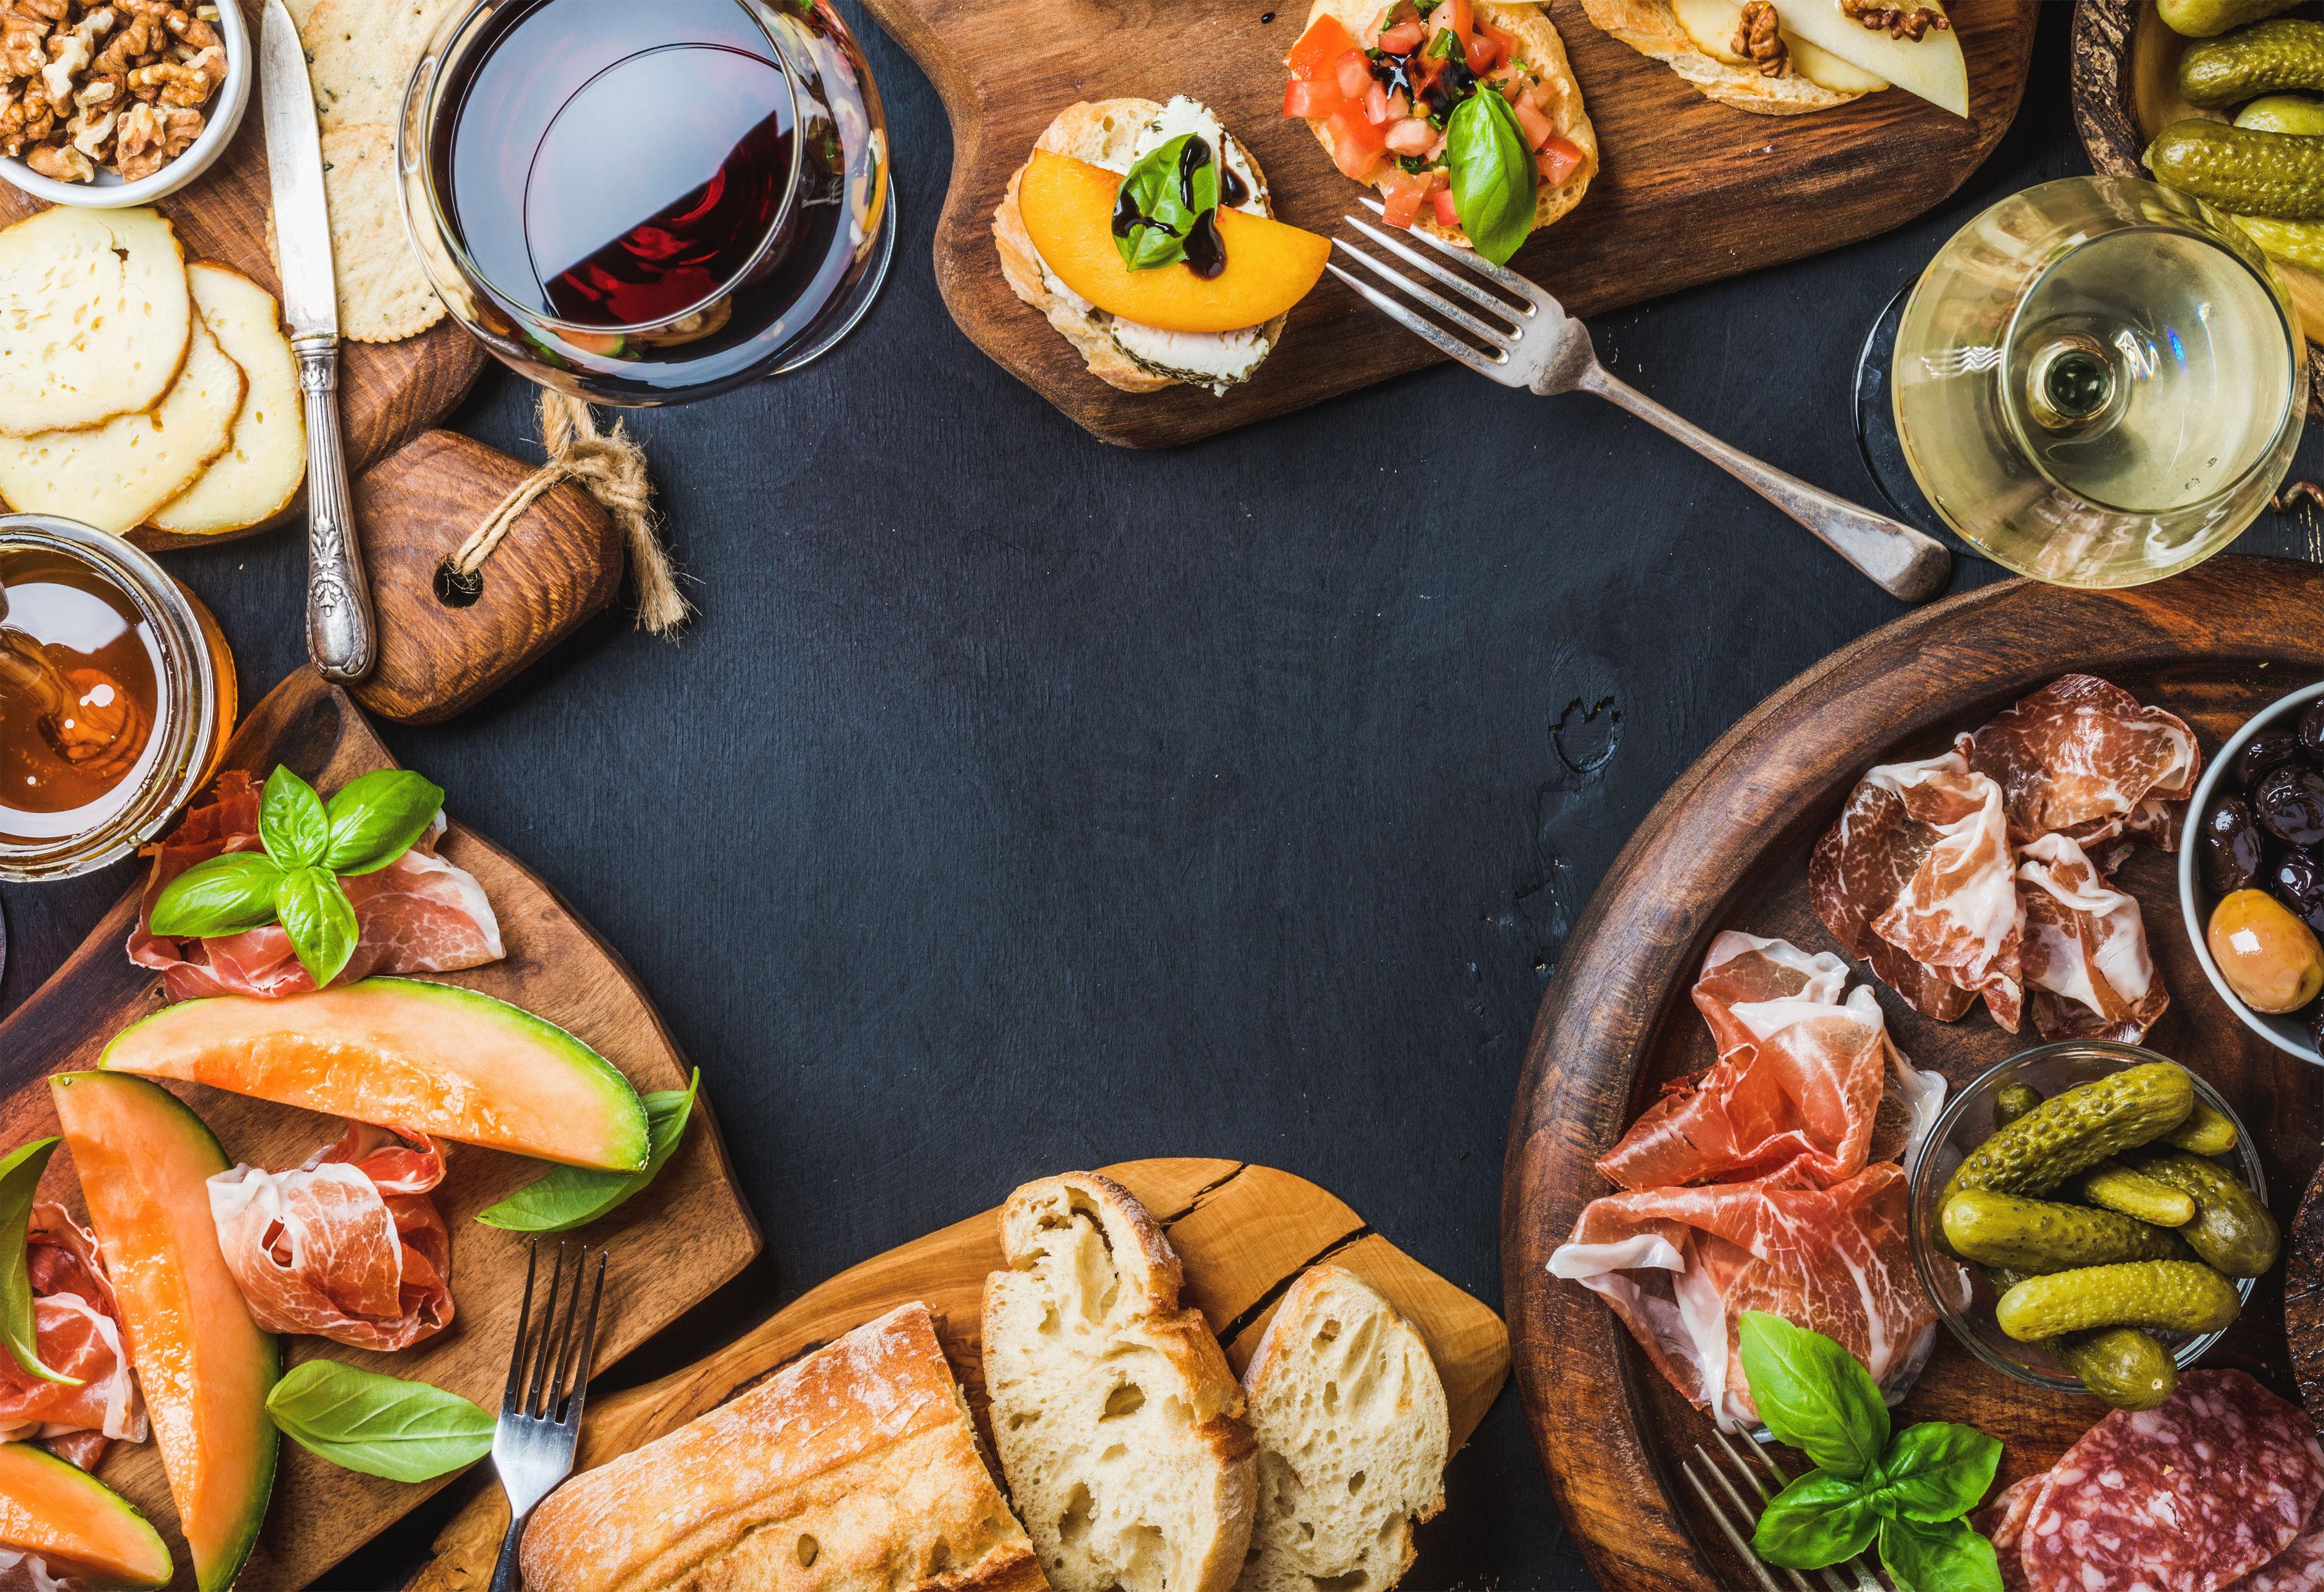 Italienische Weine - Shop für Italienische Delikatessen, Honig aus Sizilien, Weine, Grappe und mehr